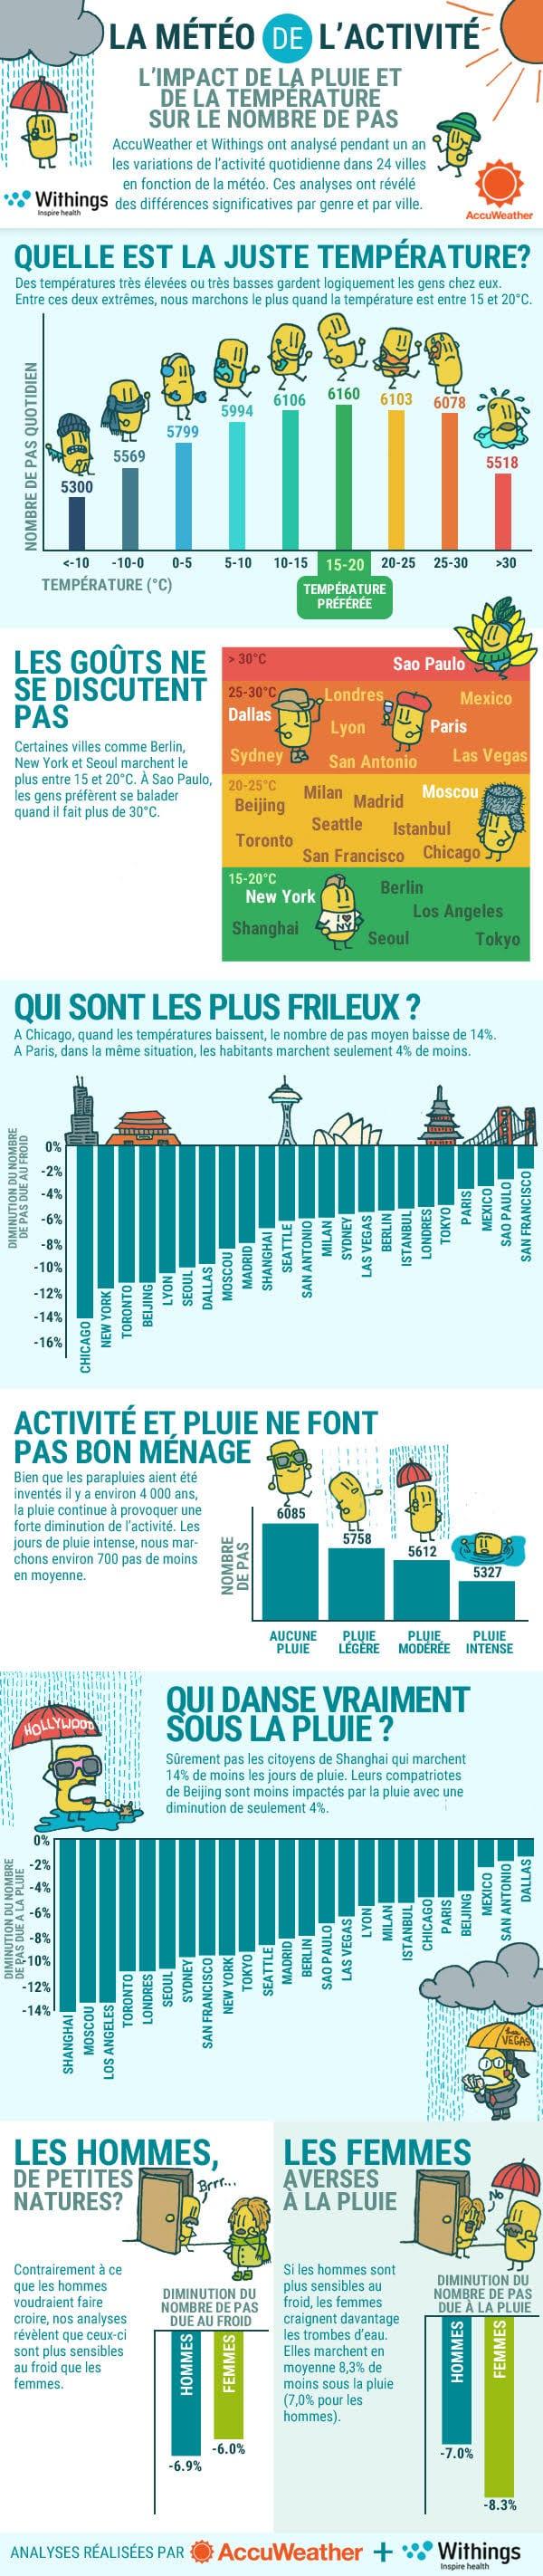 Infographie Withings Activité Physique et Météo